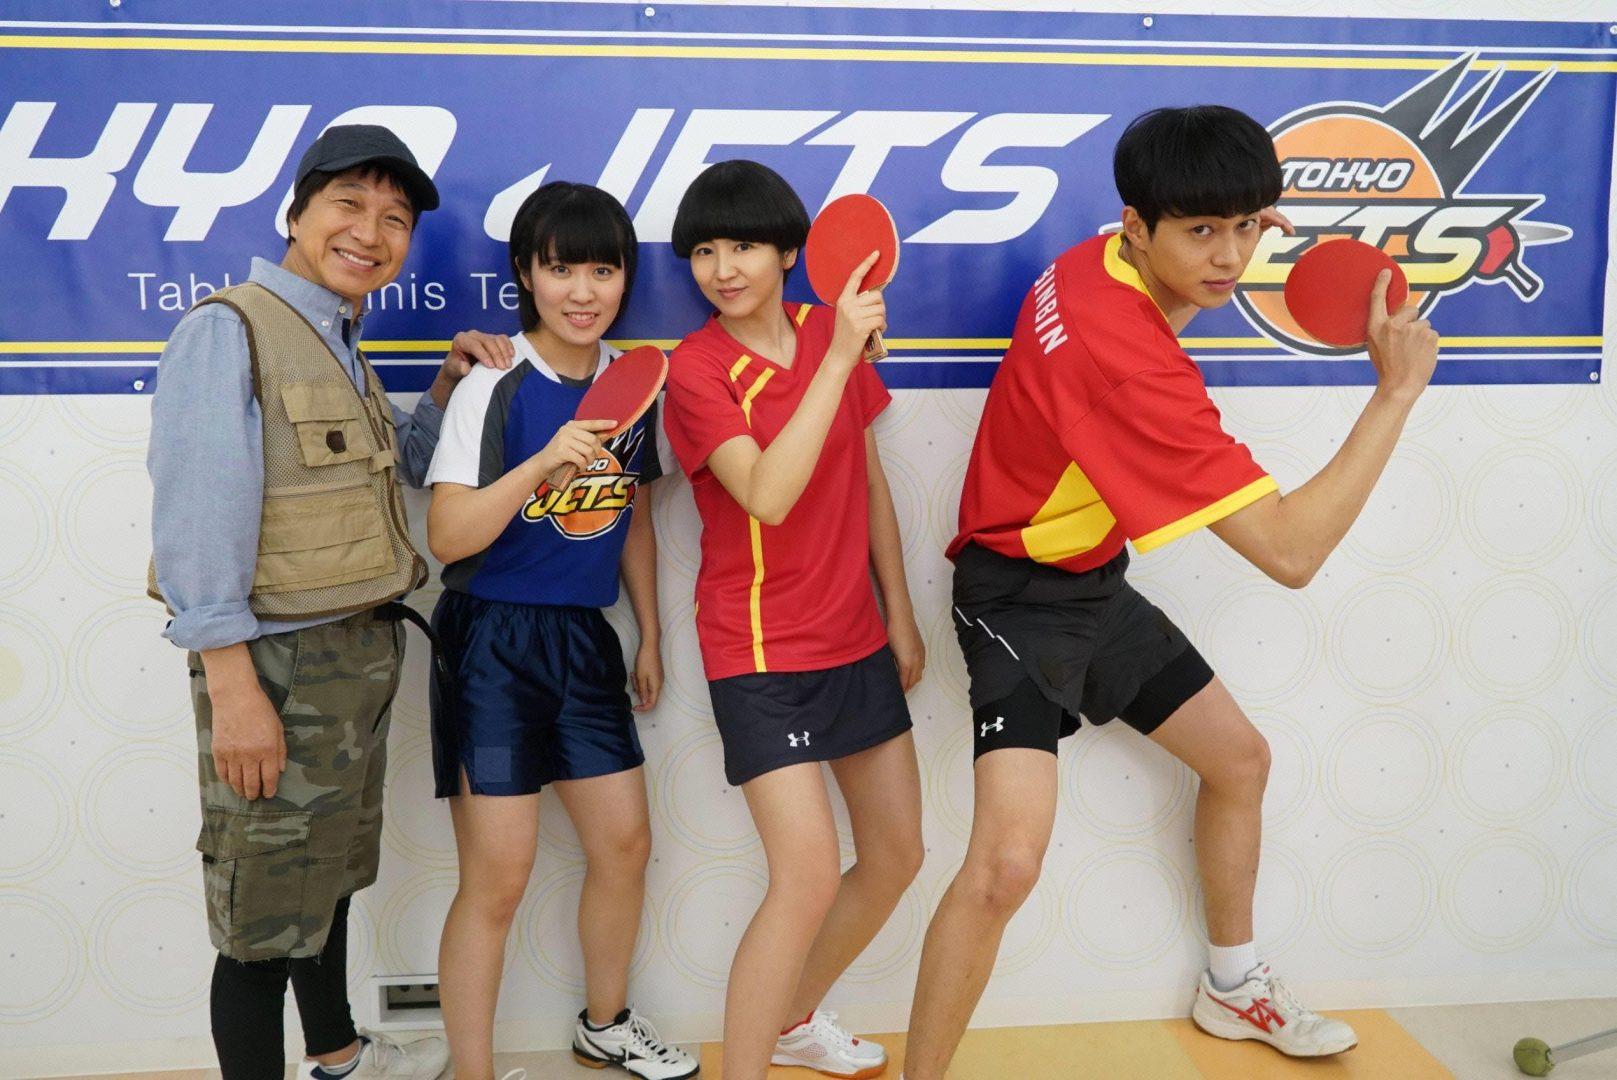 フジの月9ドラマに卓球・平野美宇が出演 長澤まさみ「オーラが違う」